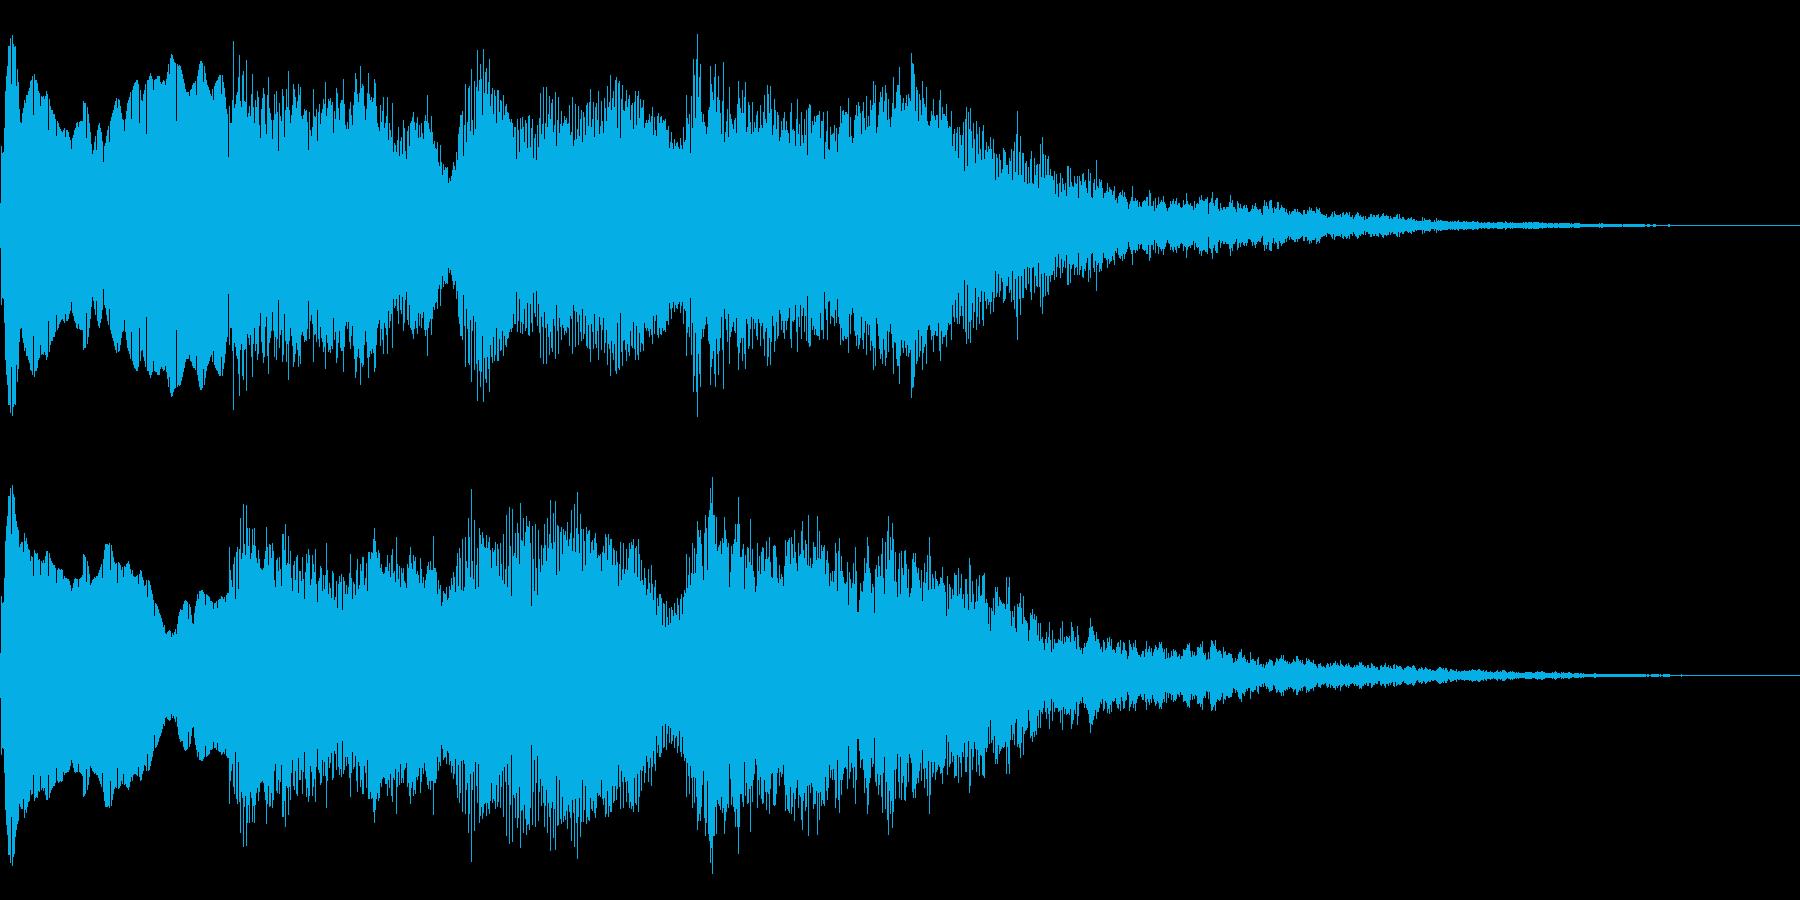 ミステリーな音 ゲームオーバー 奇怪な音の再生済みの波形